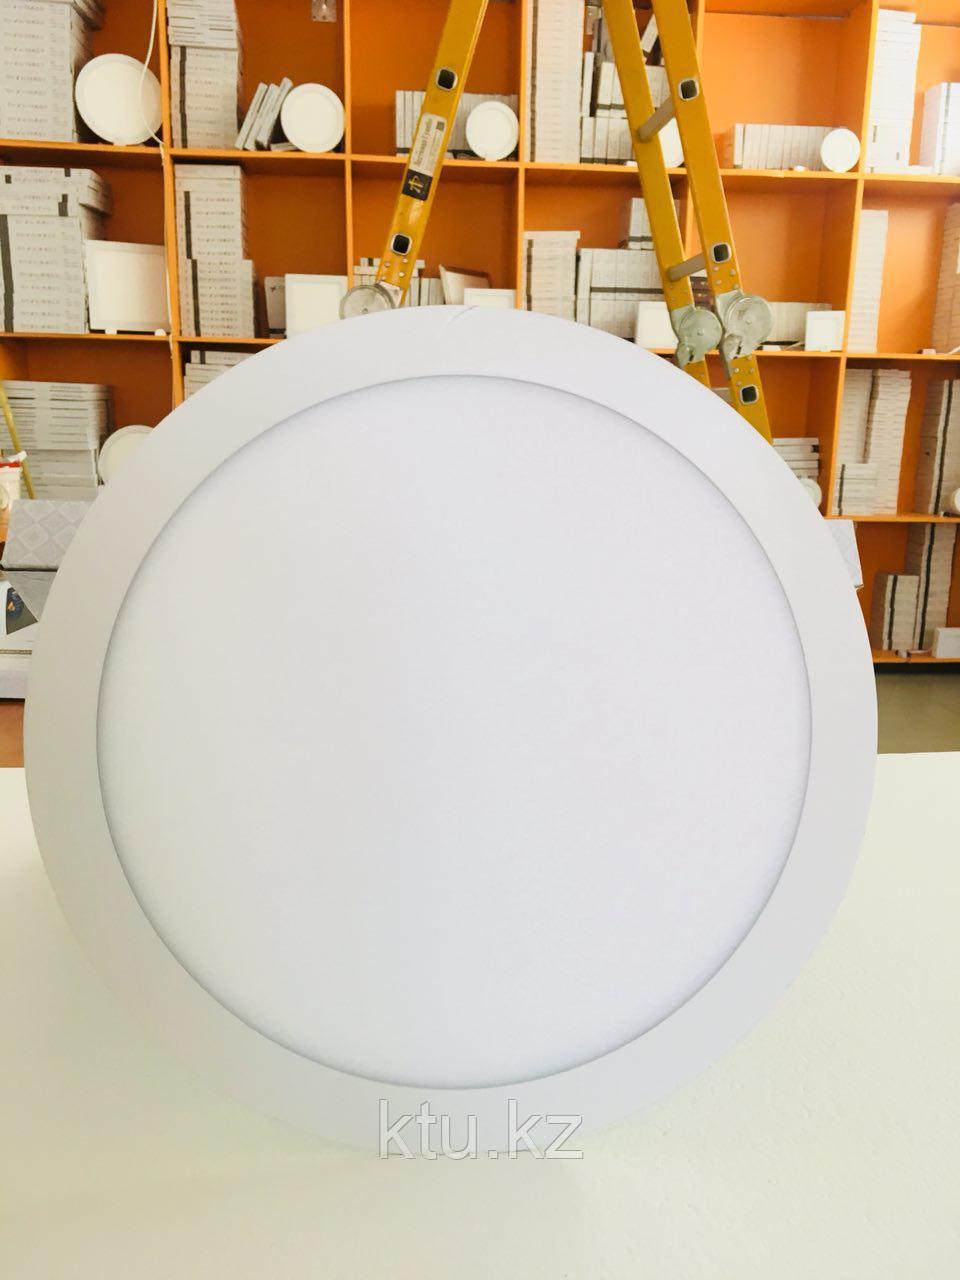 Светильники (споты) JL-Y 3W,внутренний 1год гарантия